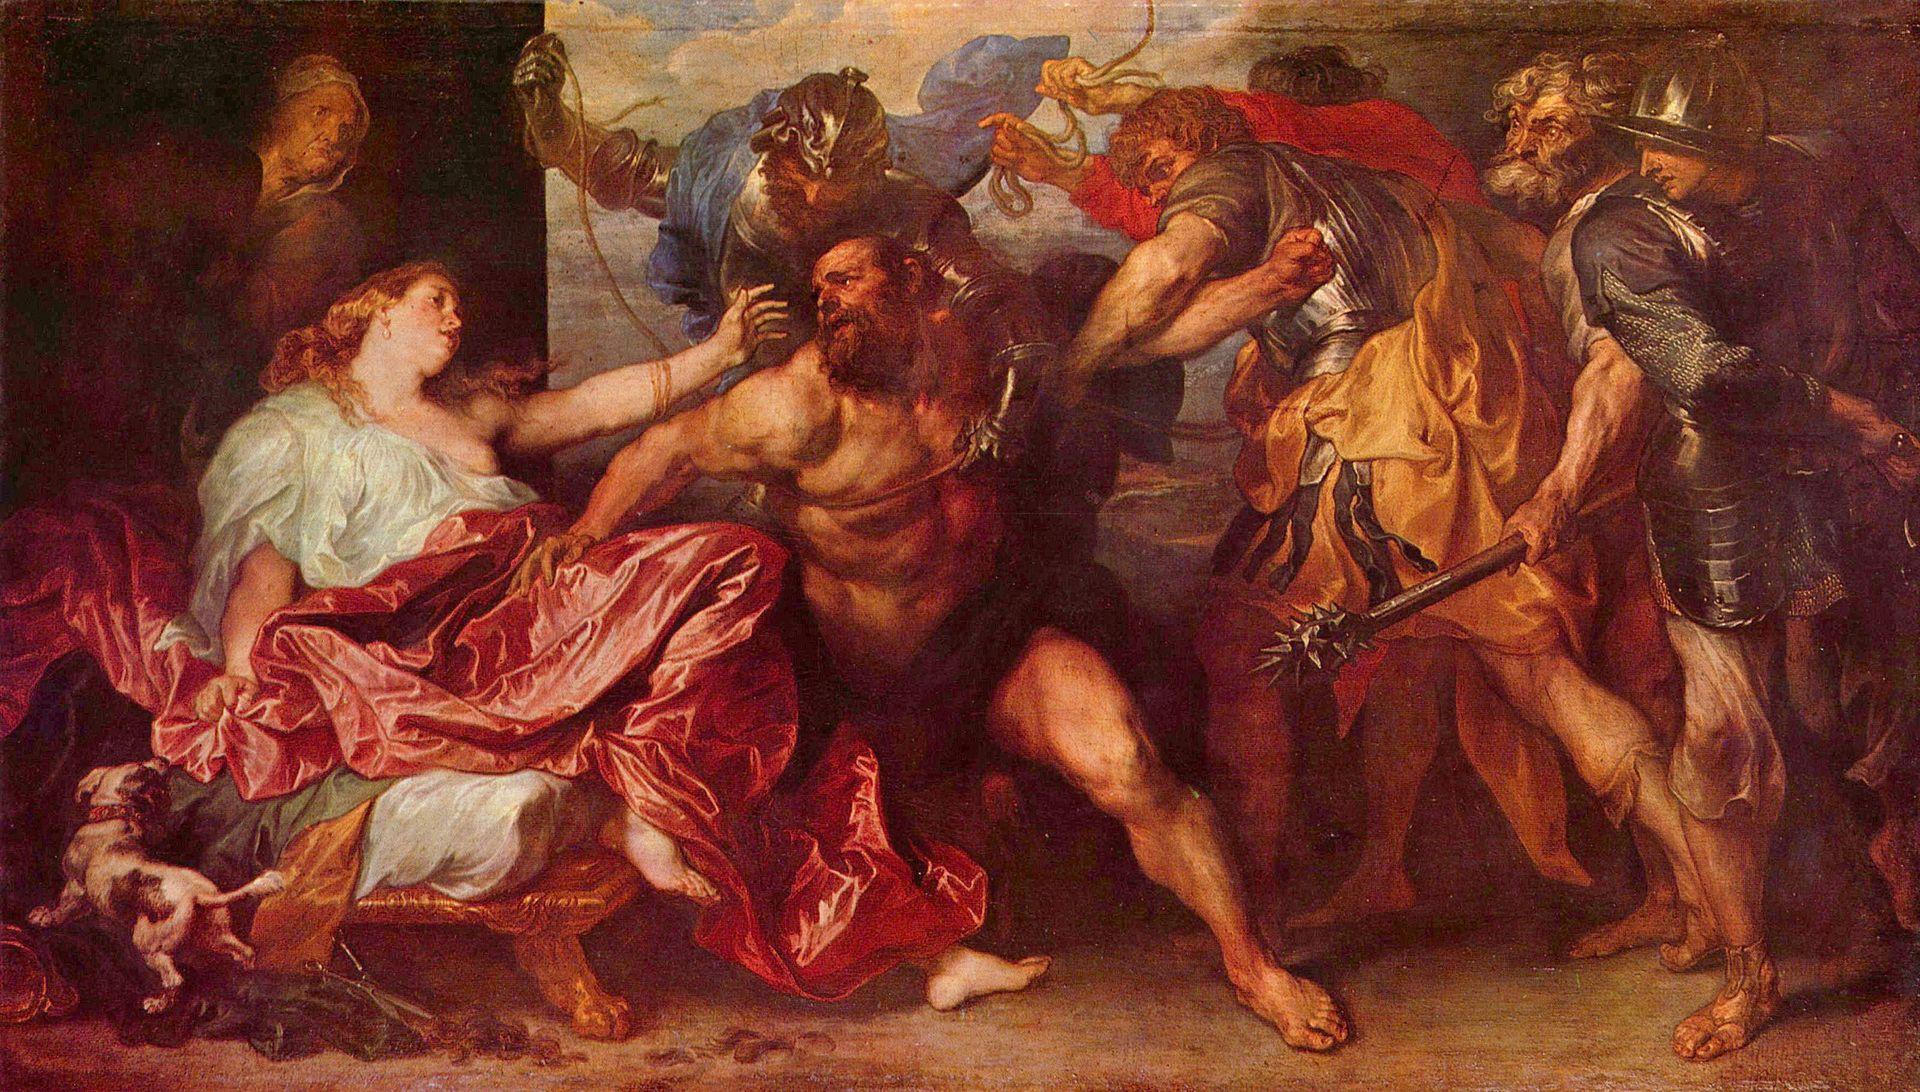 Антонис Ван Дейк. Самсон и Далила (начало 17 века)